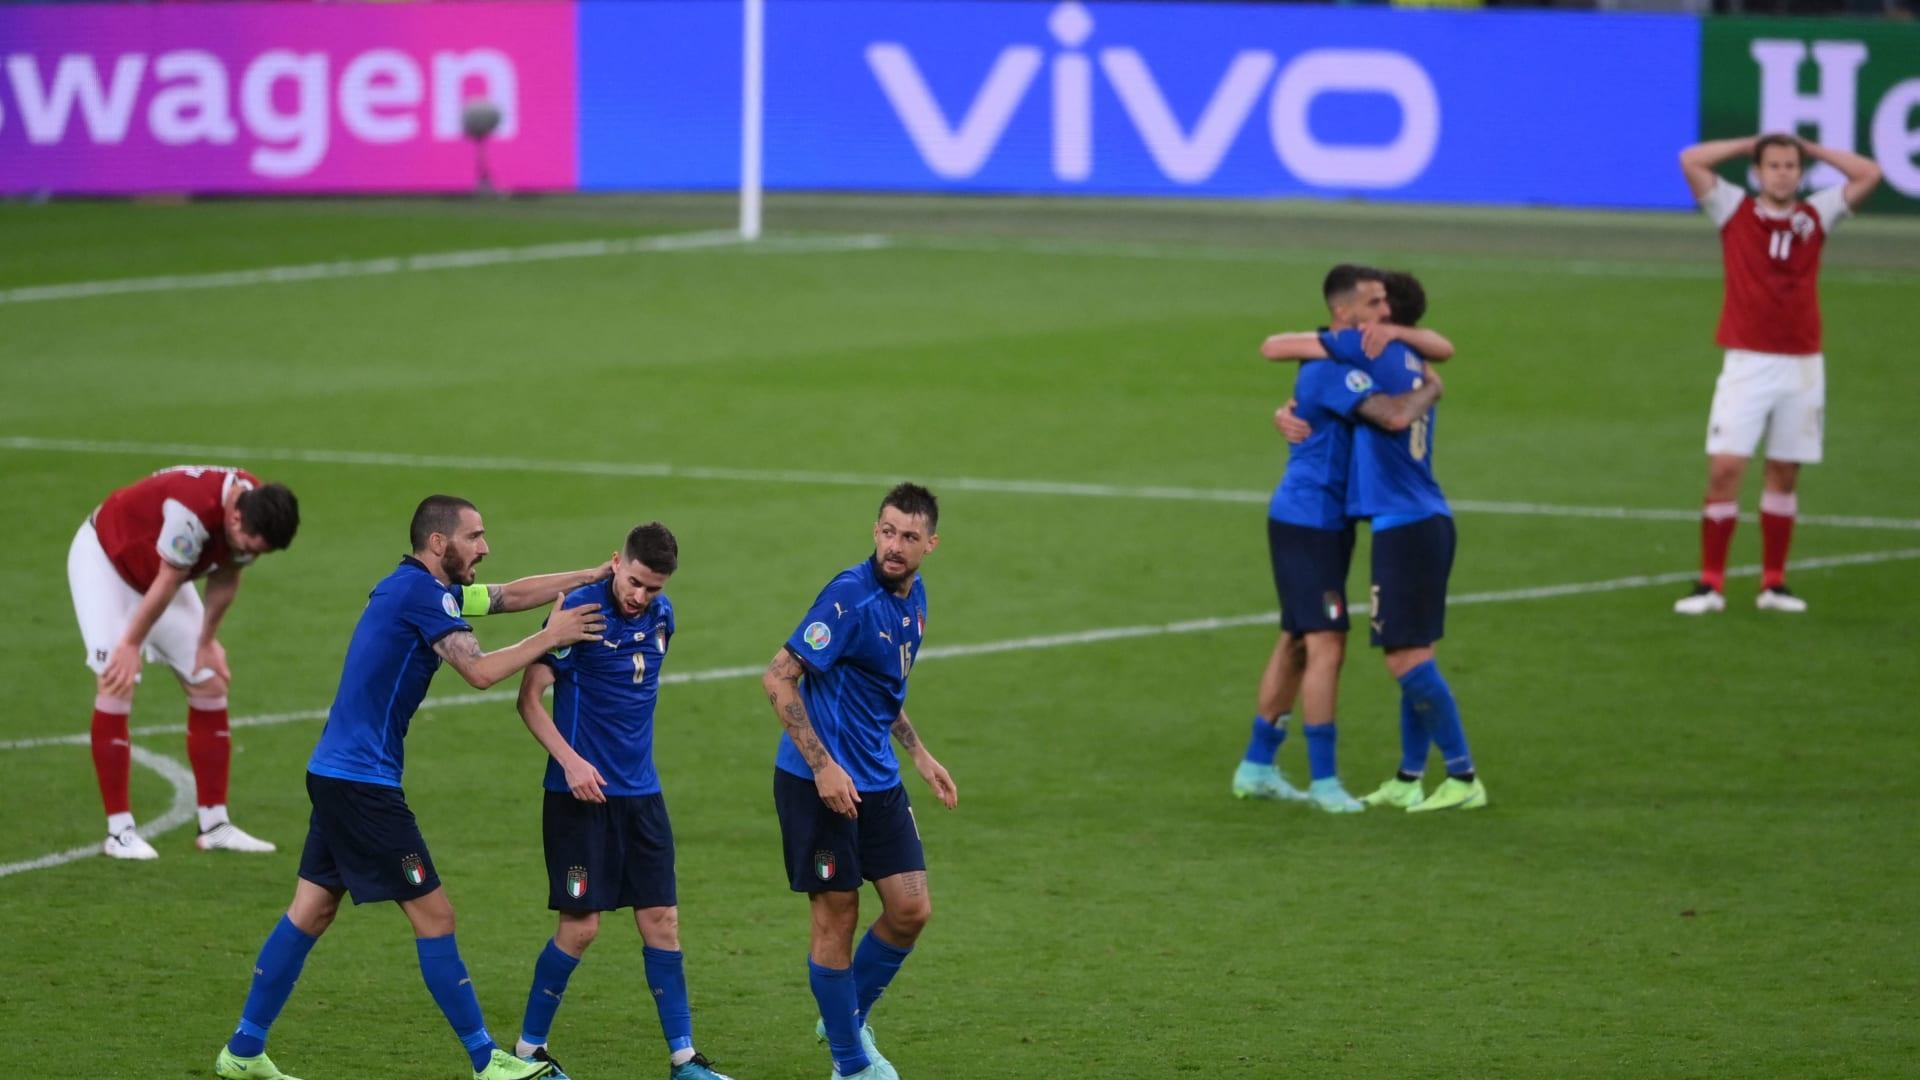 إيطاليا تقلق مشجعيها.. والنمسا تكسب القلوب